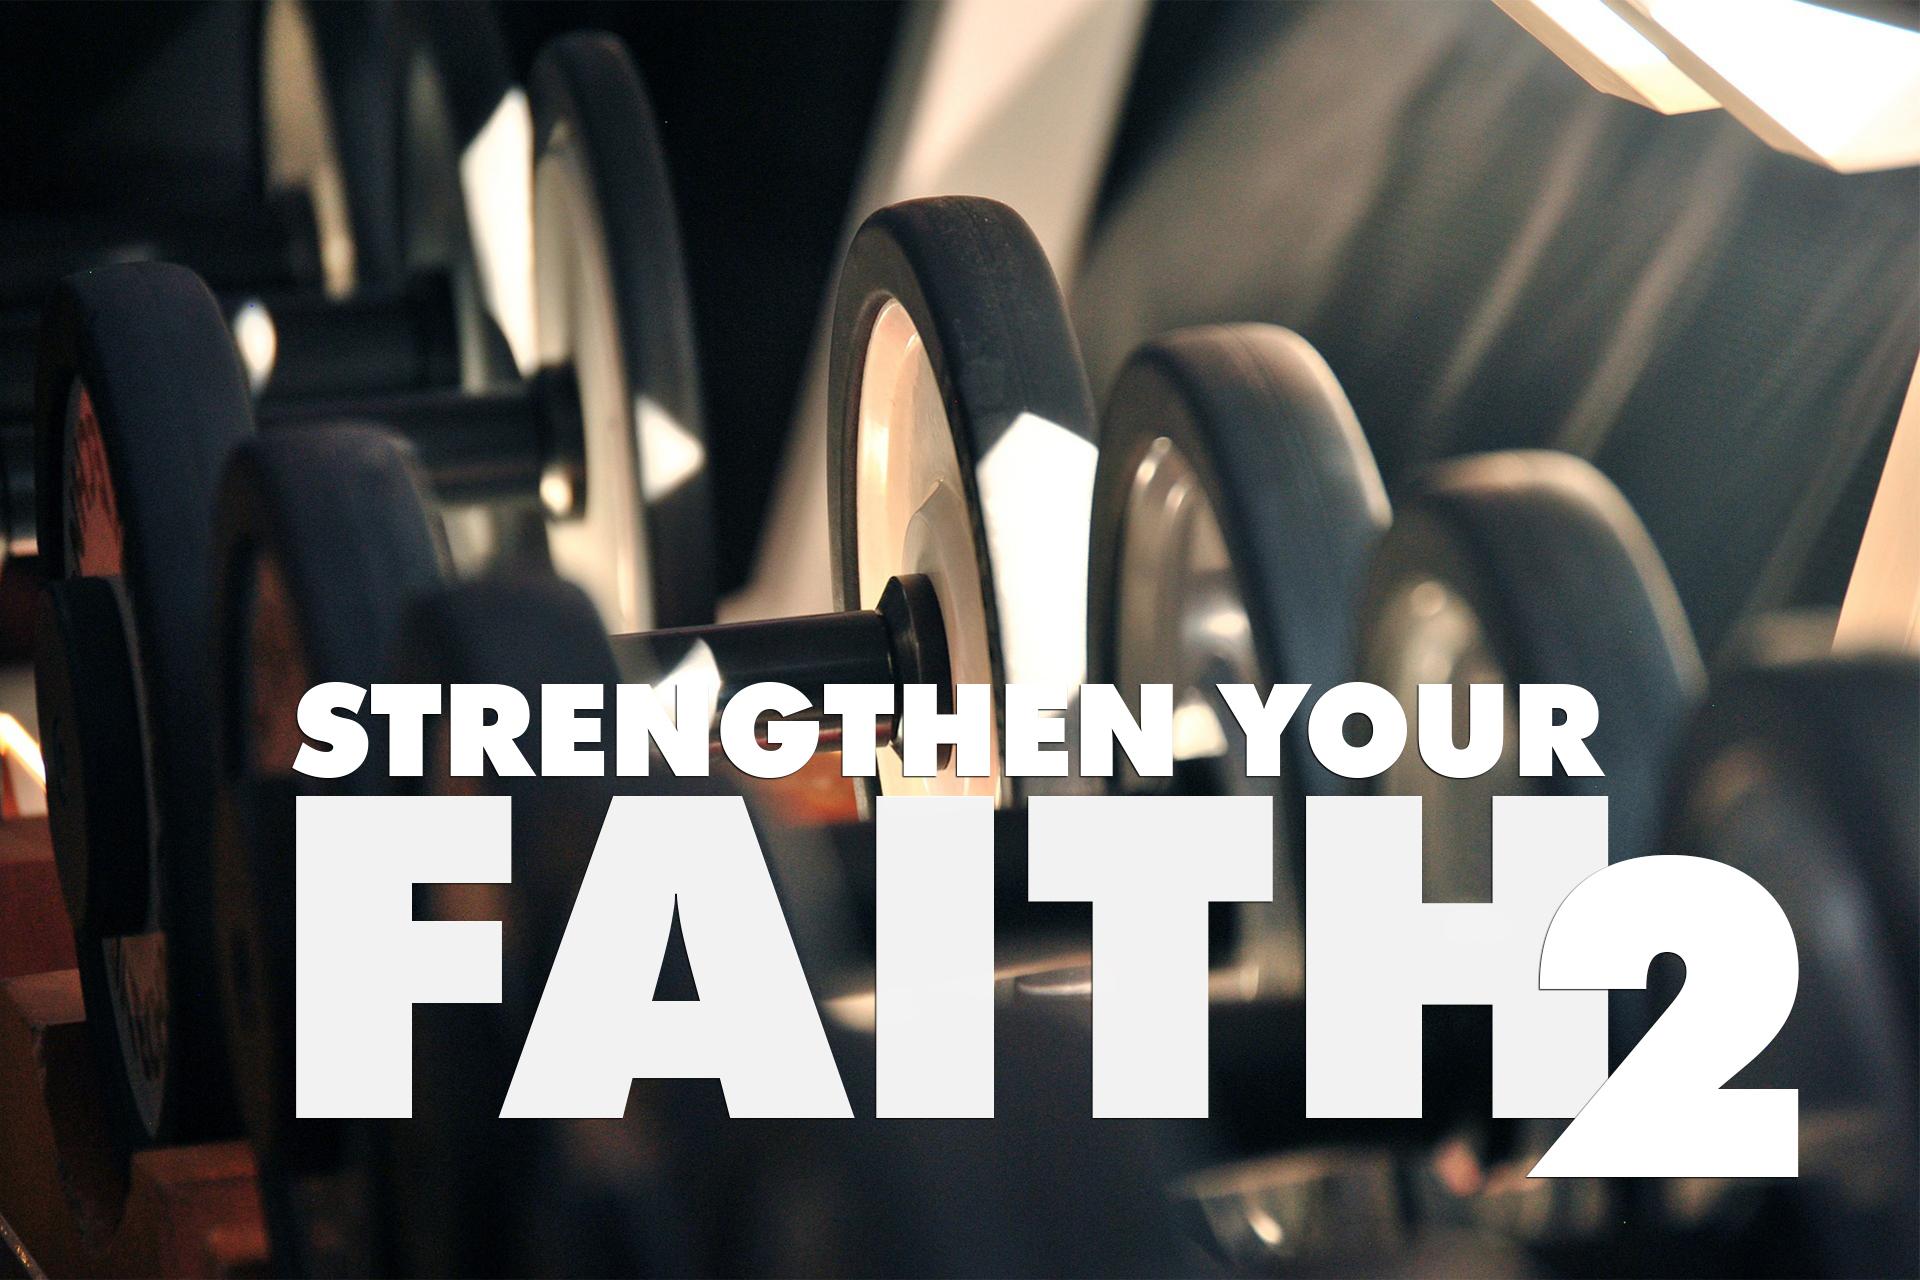 Strengthen-your-faith2